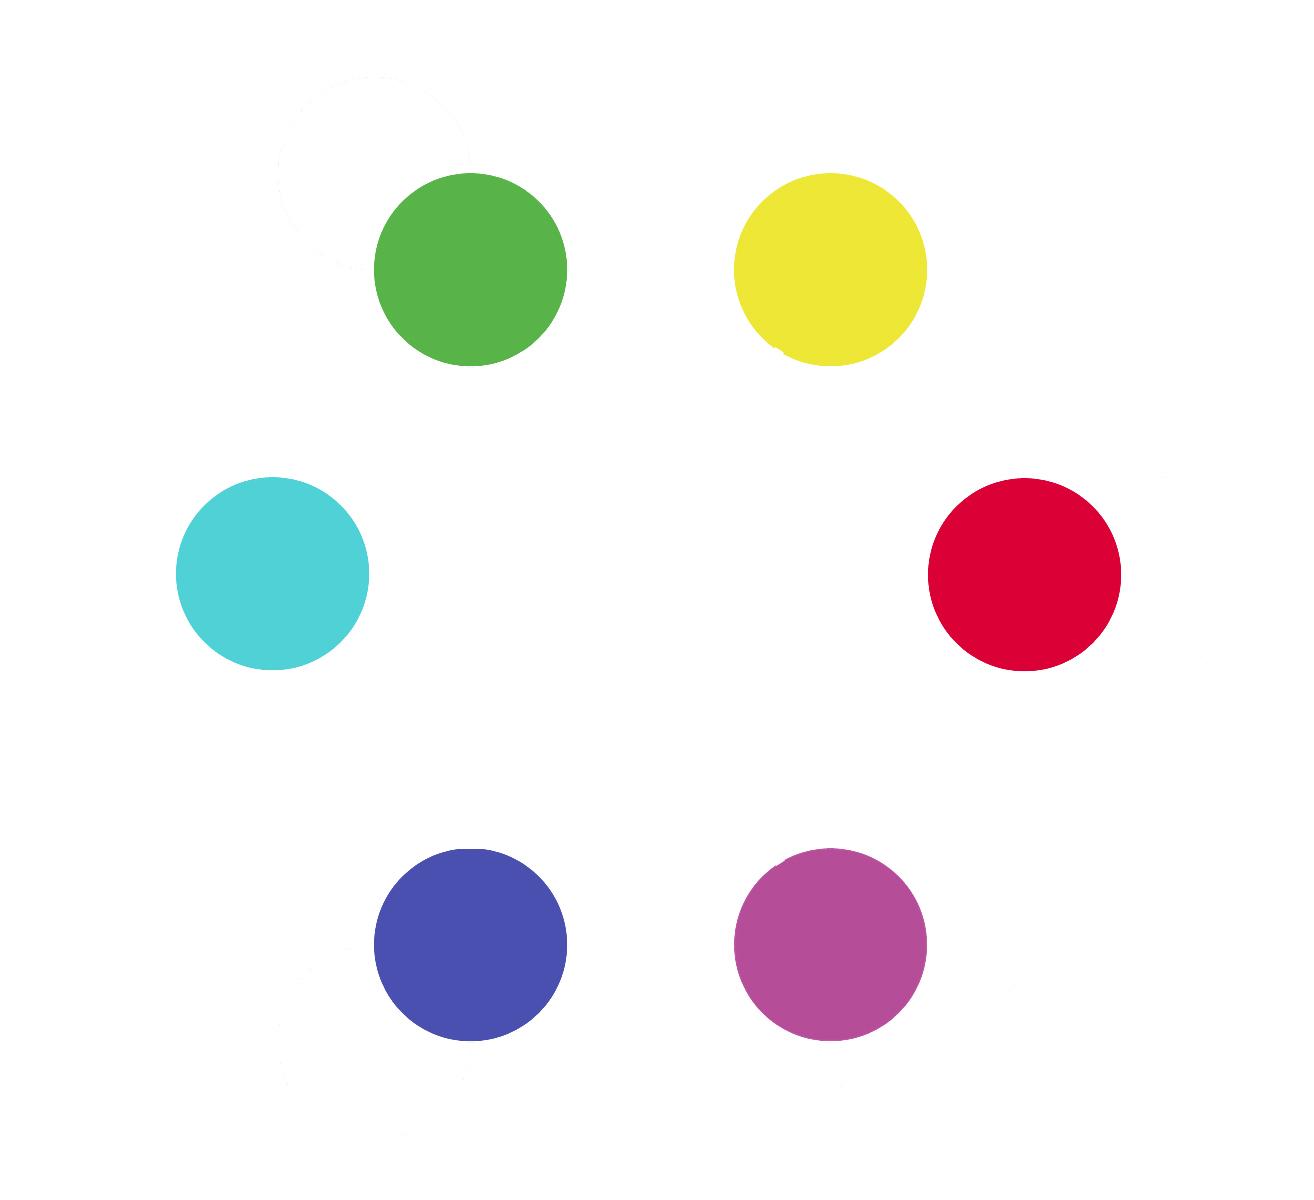 De Beoplay H6 is in meerdere kleuren verkrijgbaar